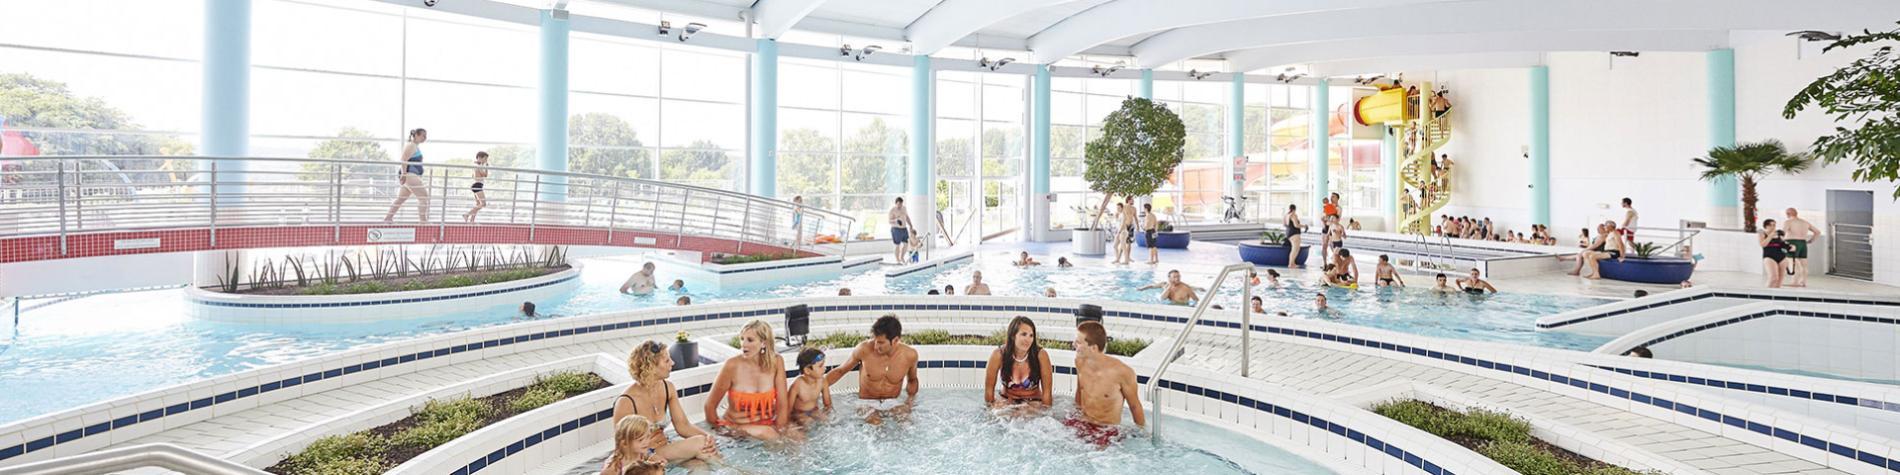 Aquacentre - Lacs de l'Eau d'Heure - parc aquatique - wellness - A l'heure du bien-être